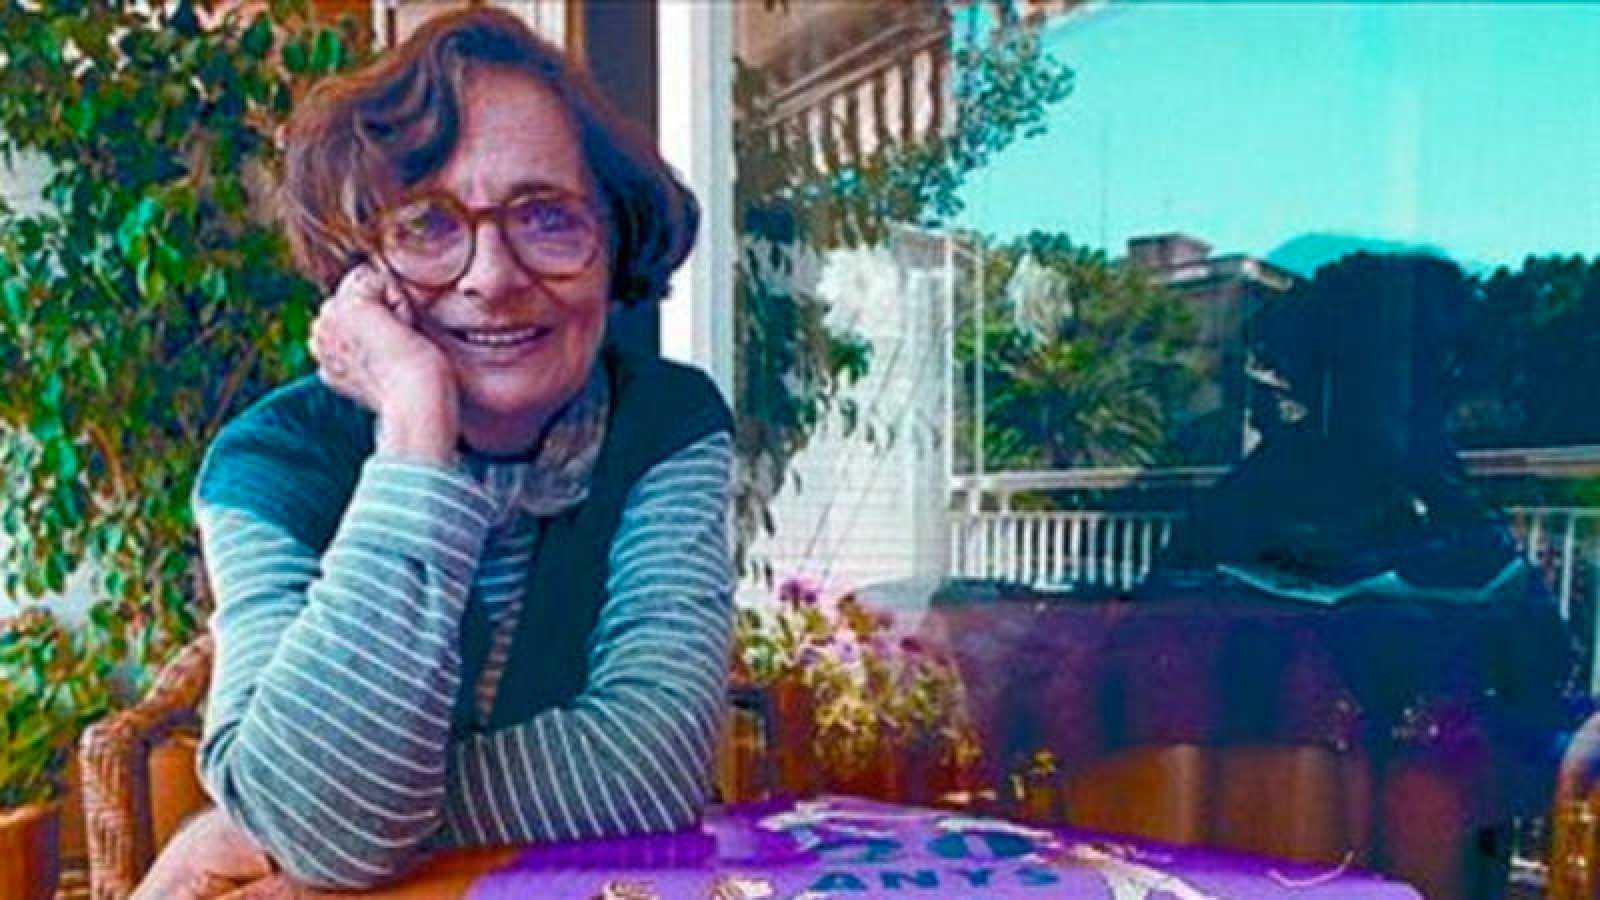 Núria Pompeia, en una imagen difundida por Ficómic en su web